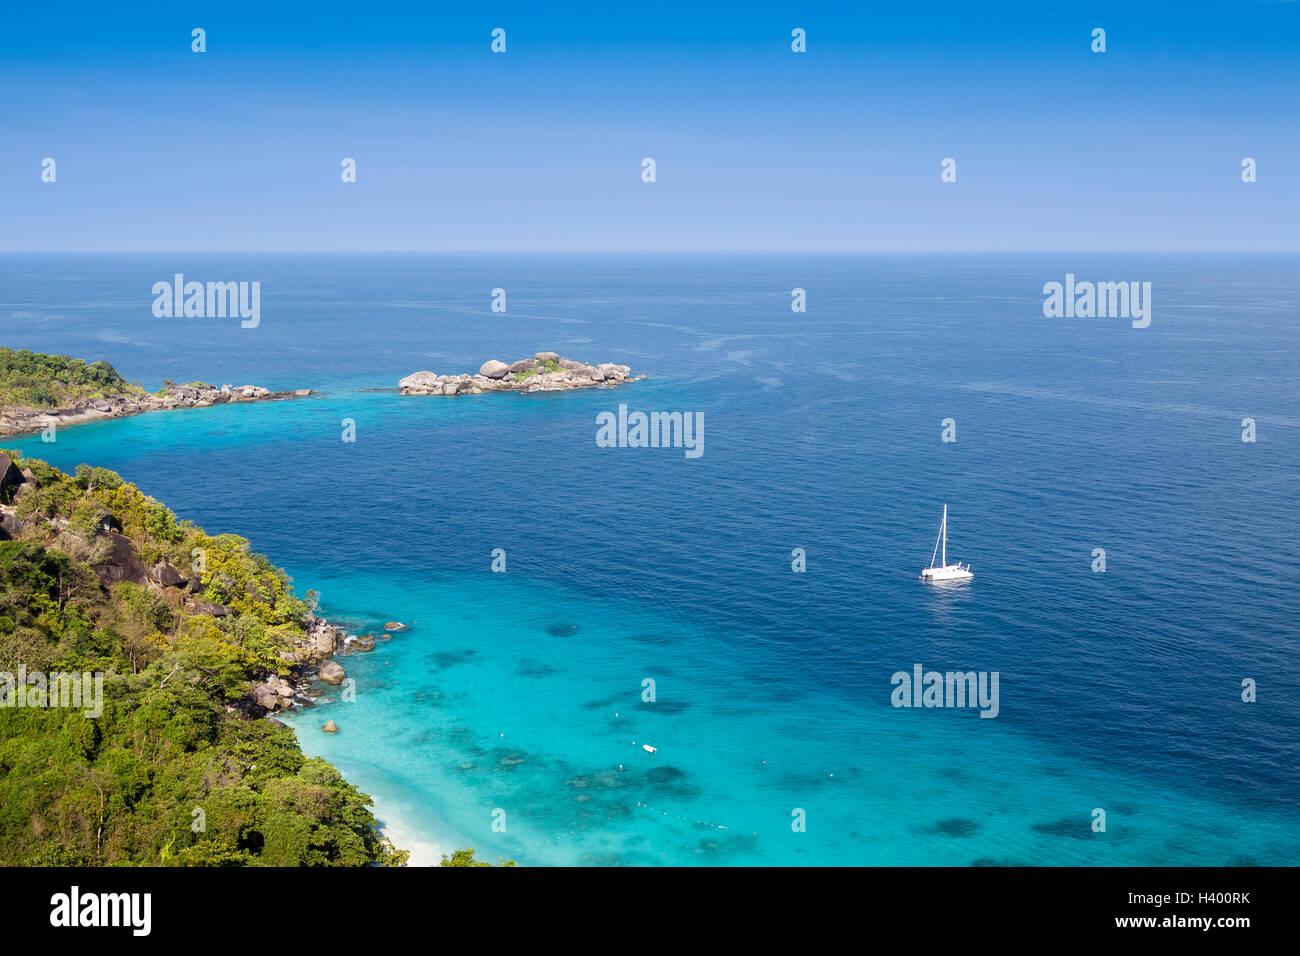 Isola tropicale circondata da trasparenti acque turchesi e le barriere coralline Immagini Stock